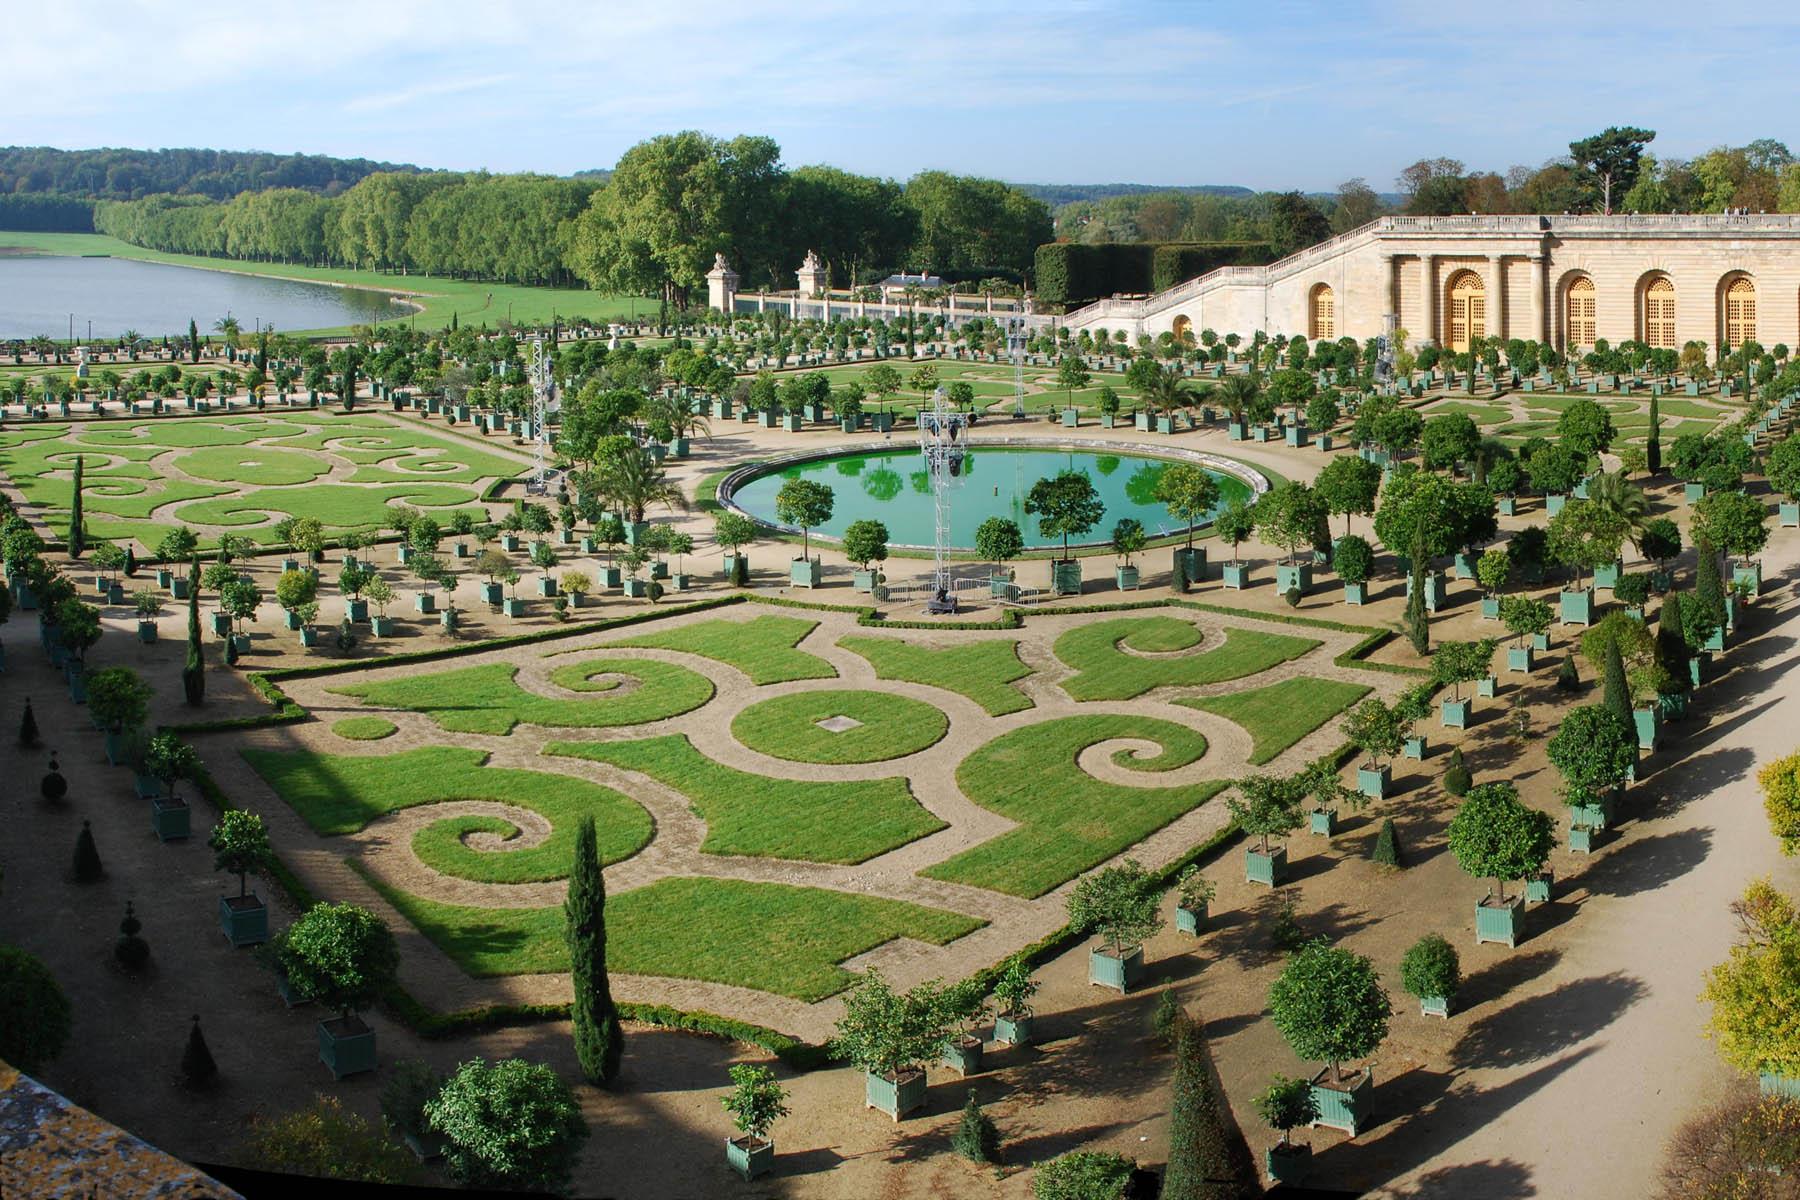 Chateau de versailles 4 versailles news - Photo chateau de versailles ...